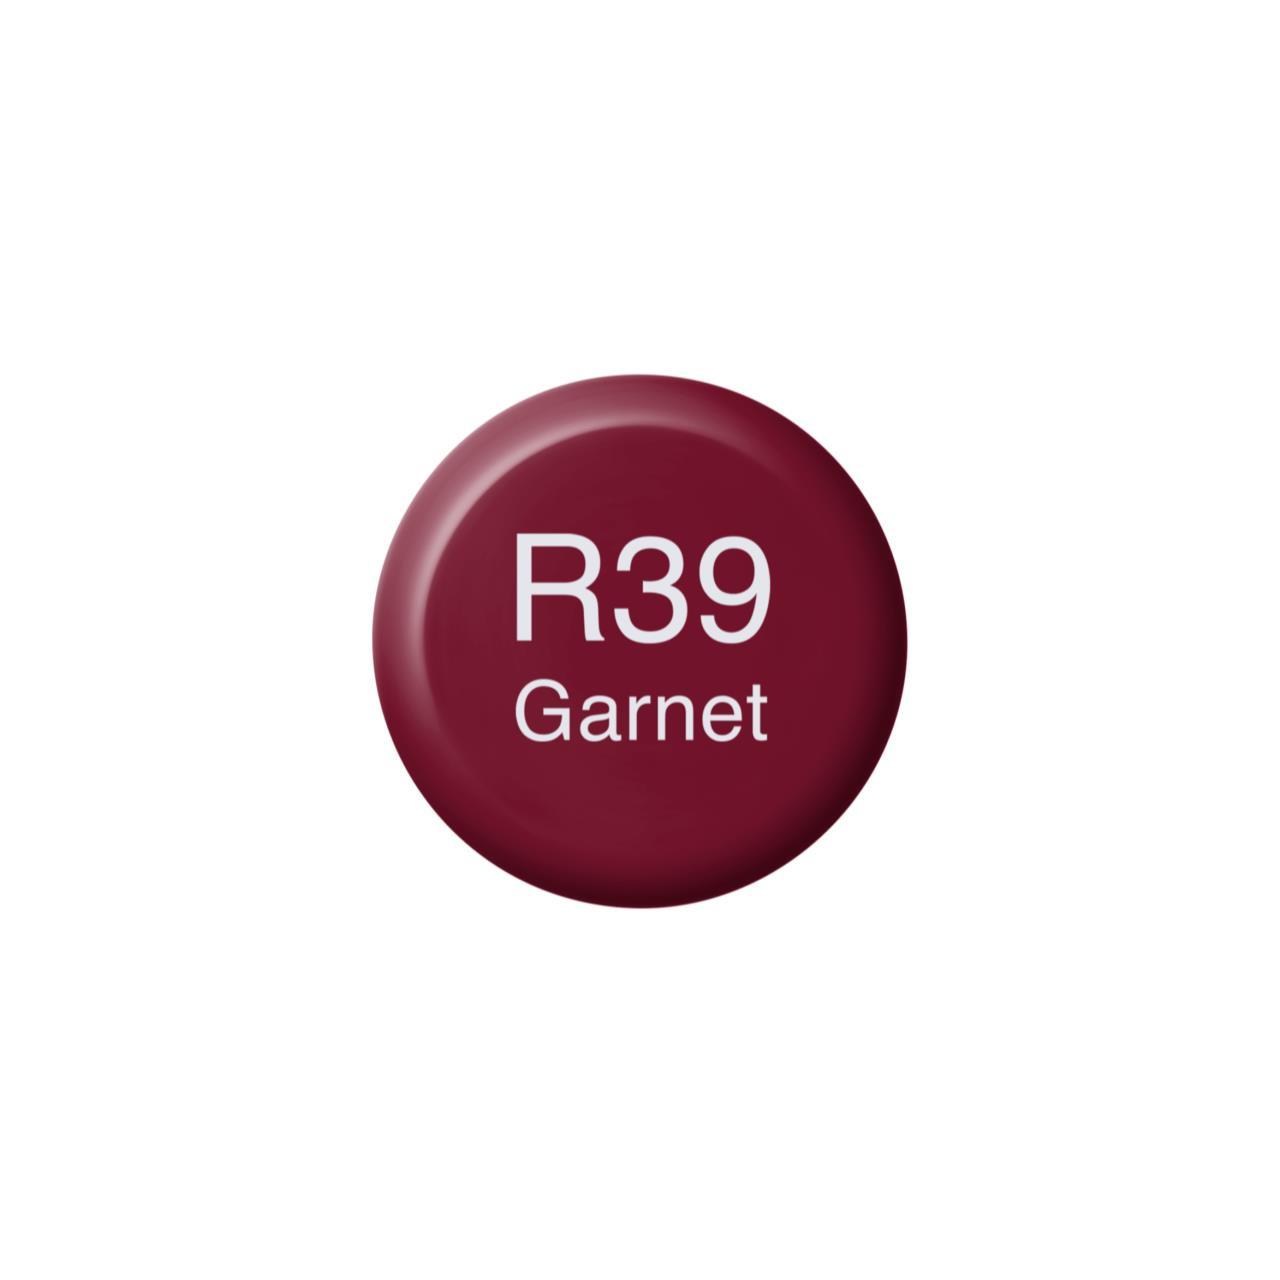 R39 Garnet, Copic Ink - 4511338057575